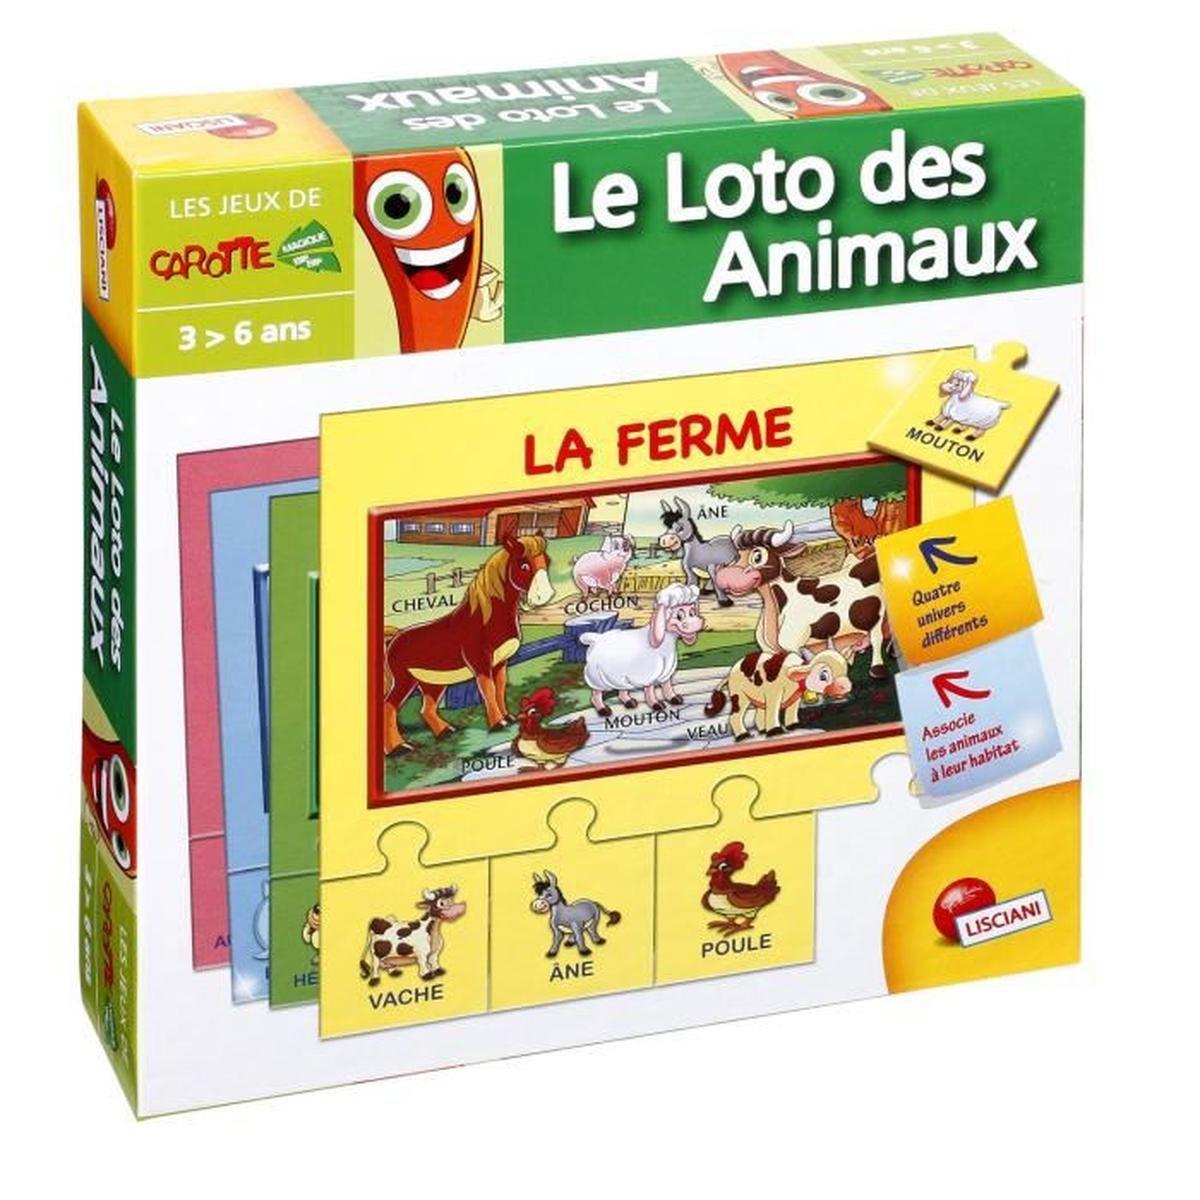 Jeu Éducatif Puzzle Mes 1Ers Mots - Le Loto Des Animaux pour Les Jeux Educatif